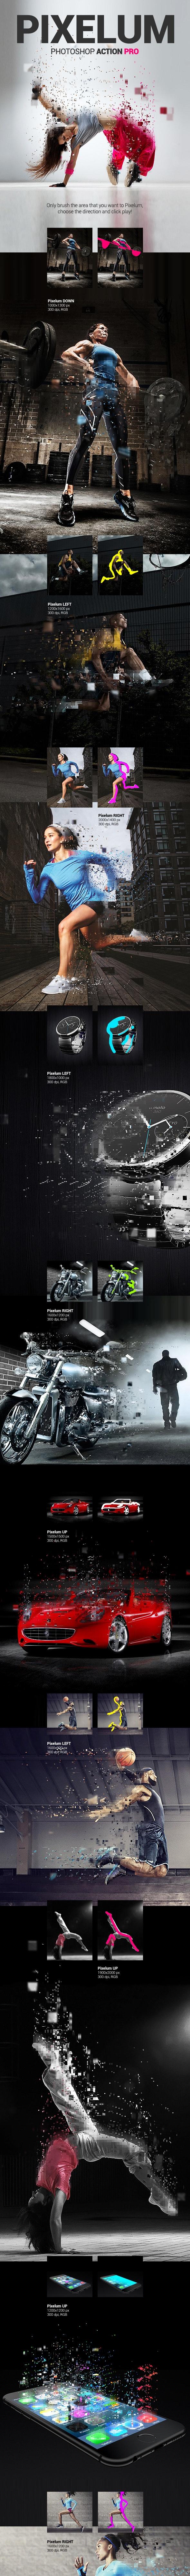 Pixels Dispersion - Pixelum - Photoshop Action - Photo Effects Actions